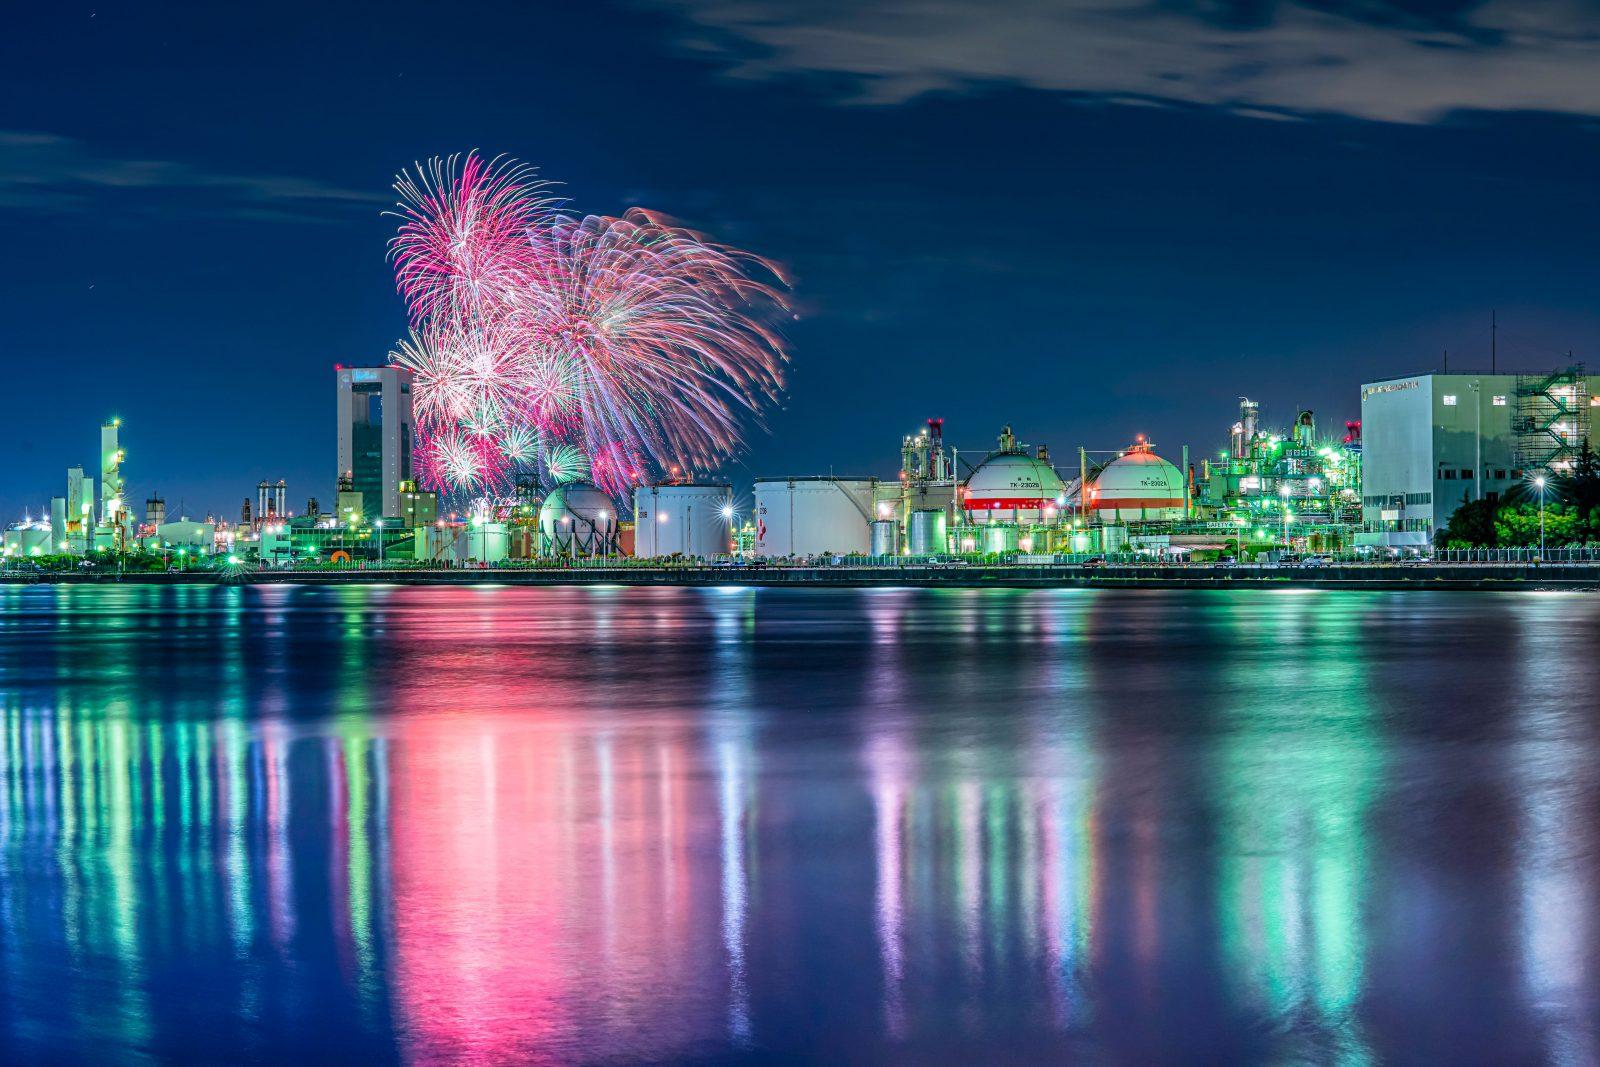 ポートビルと四日市の花火大会の写真